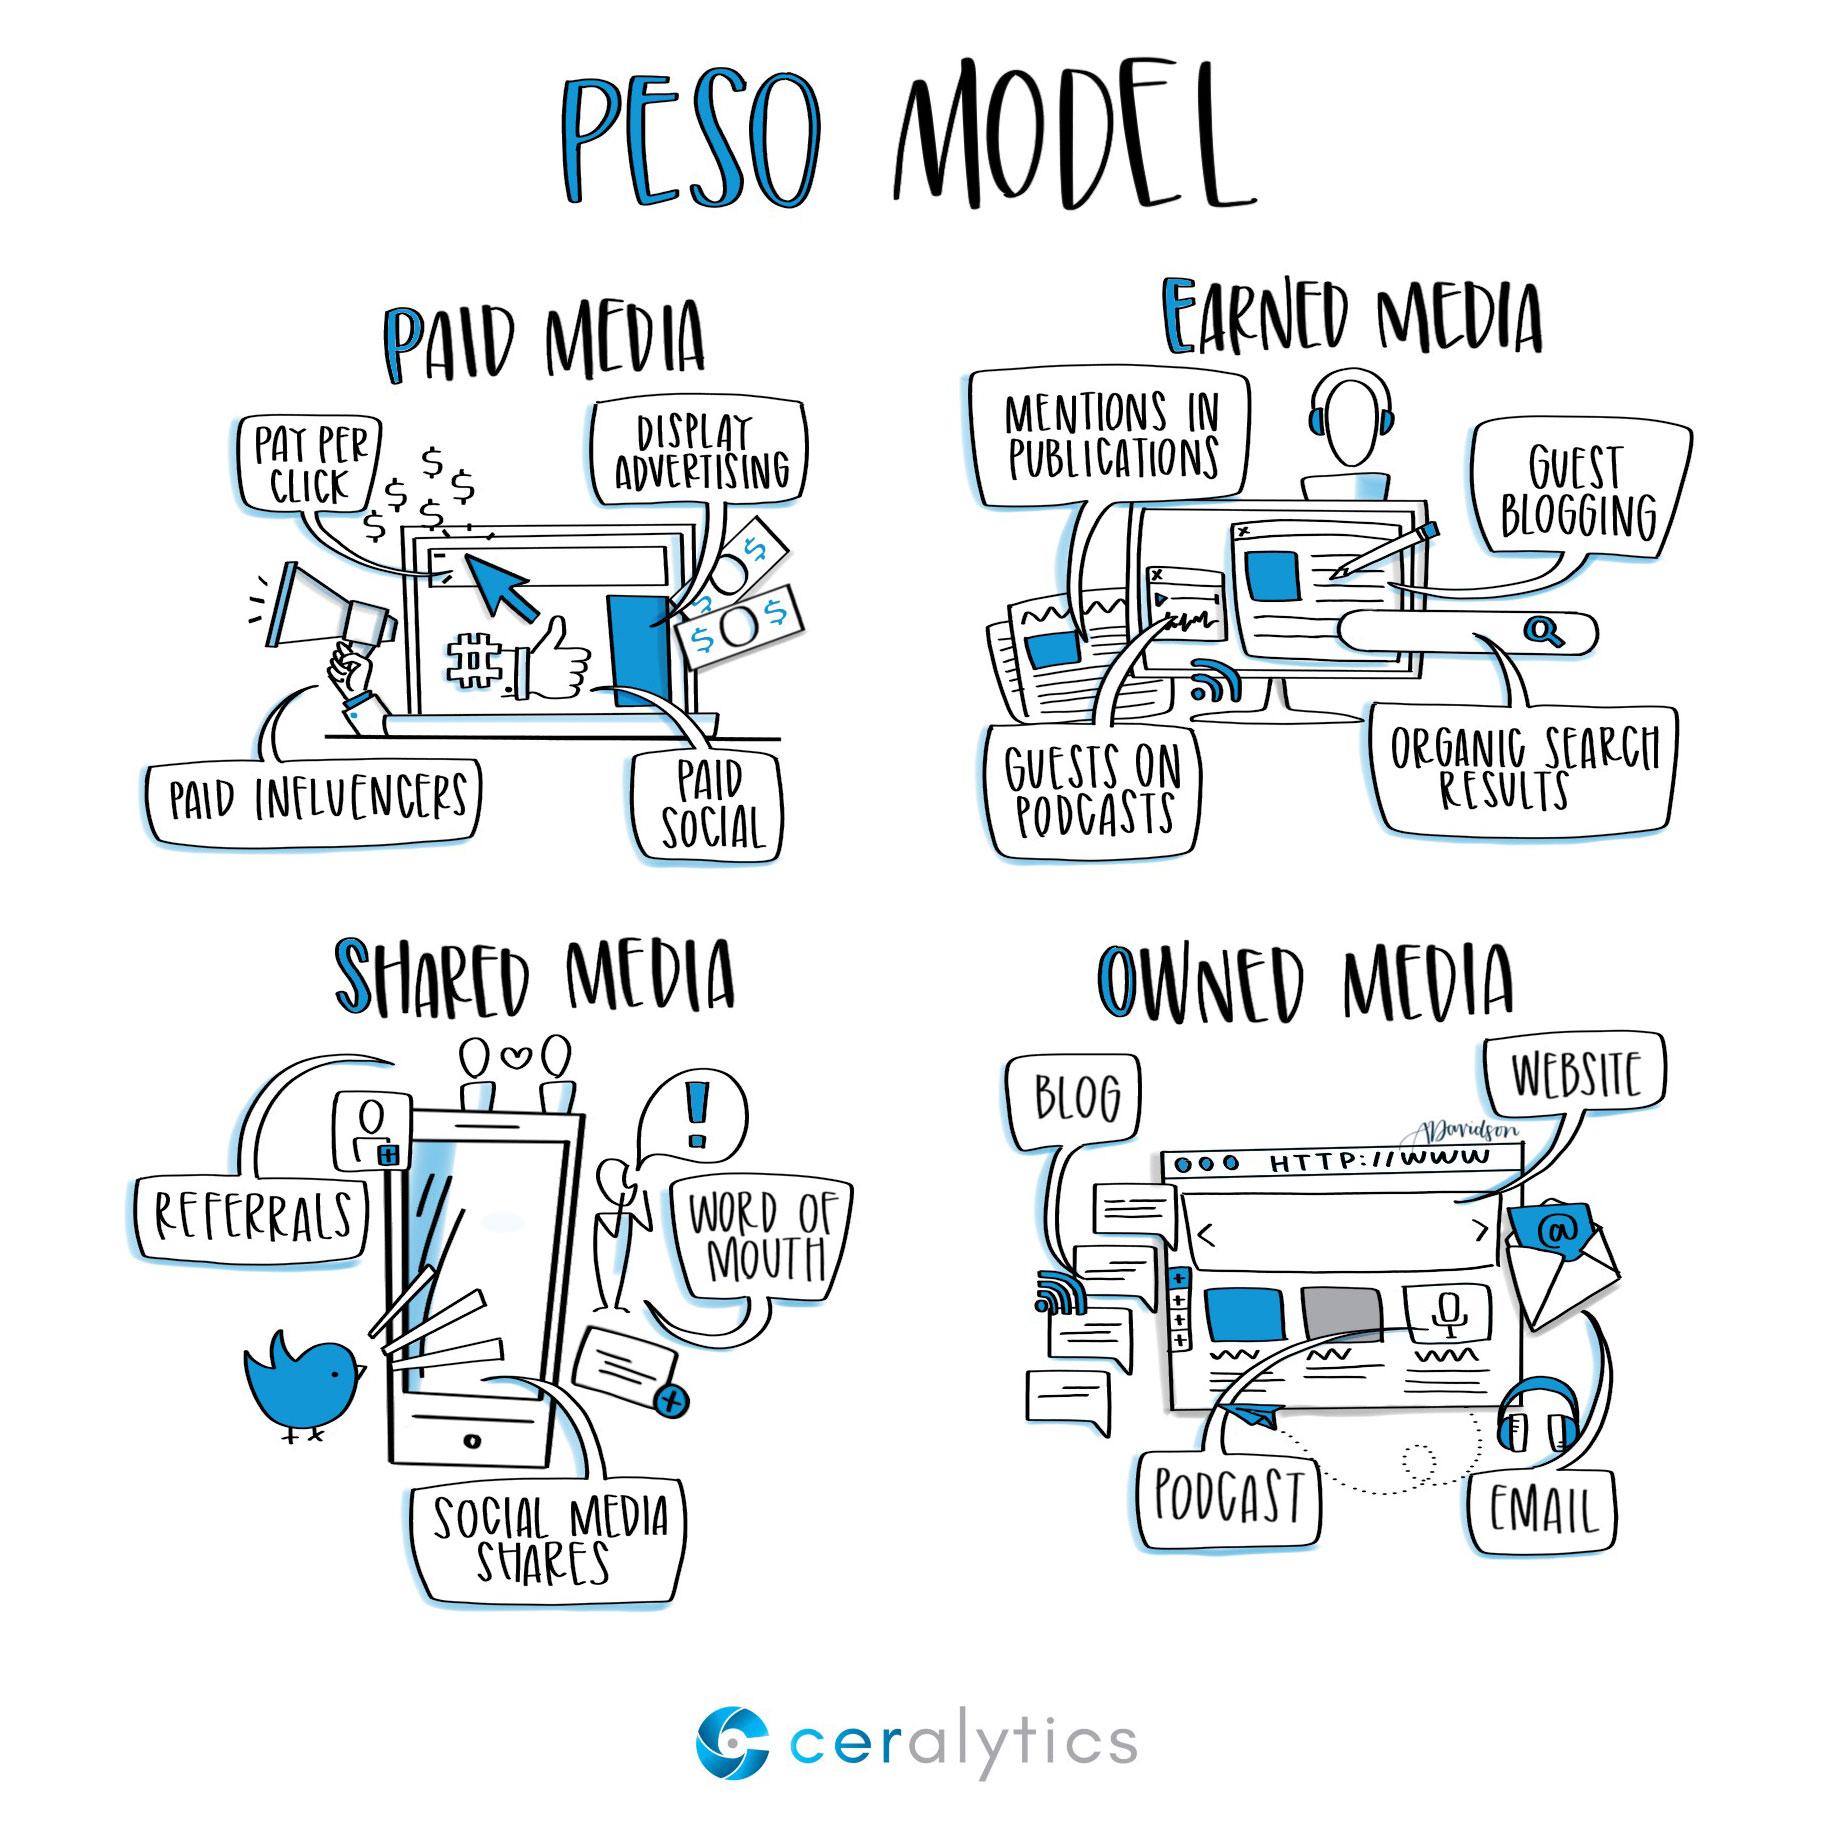 PESO model